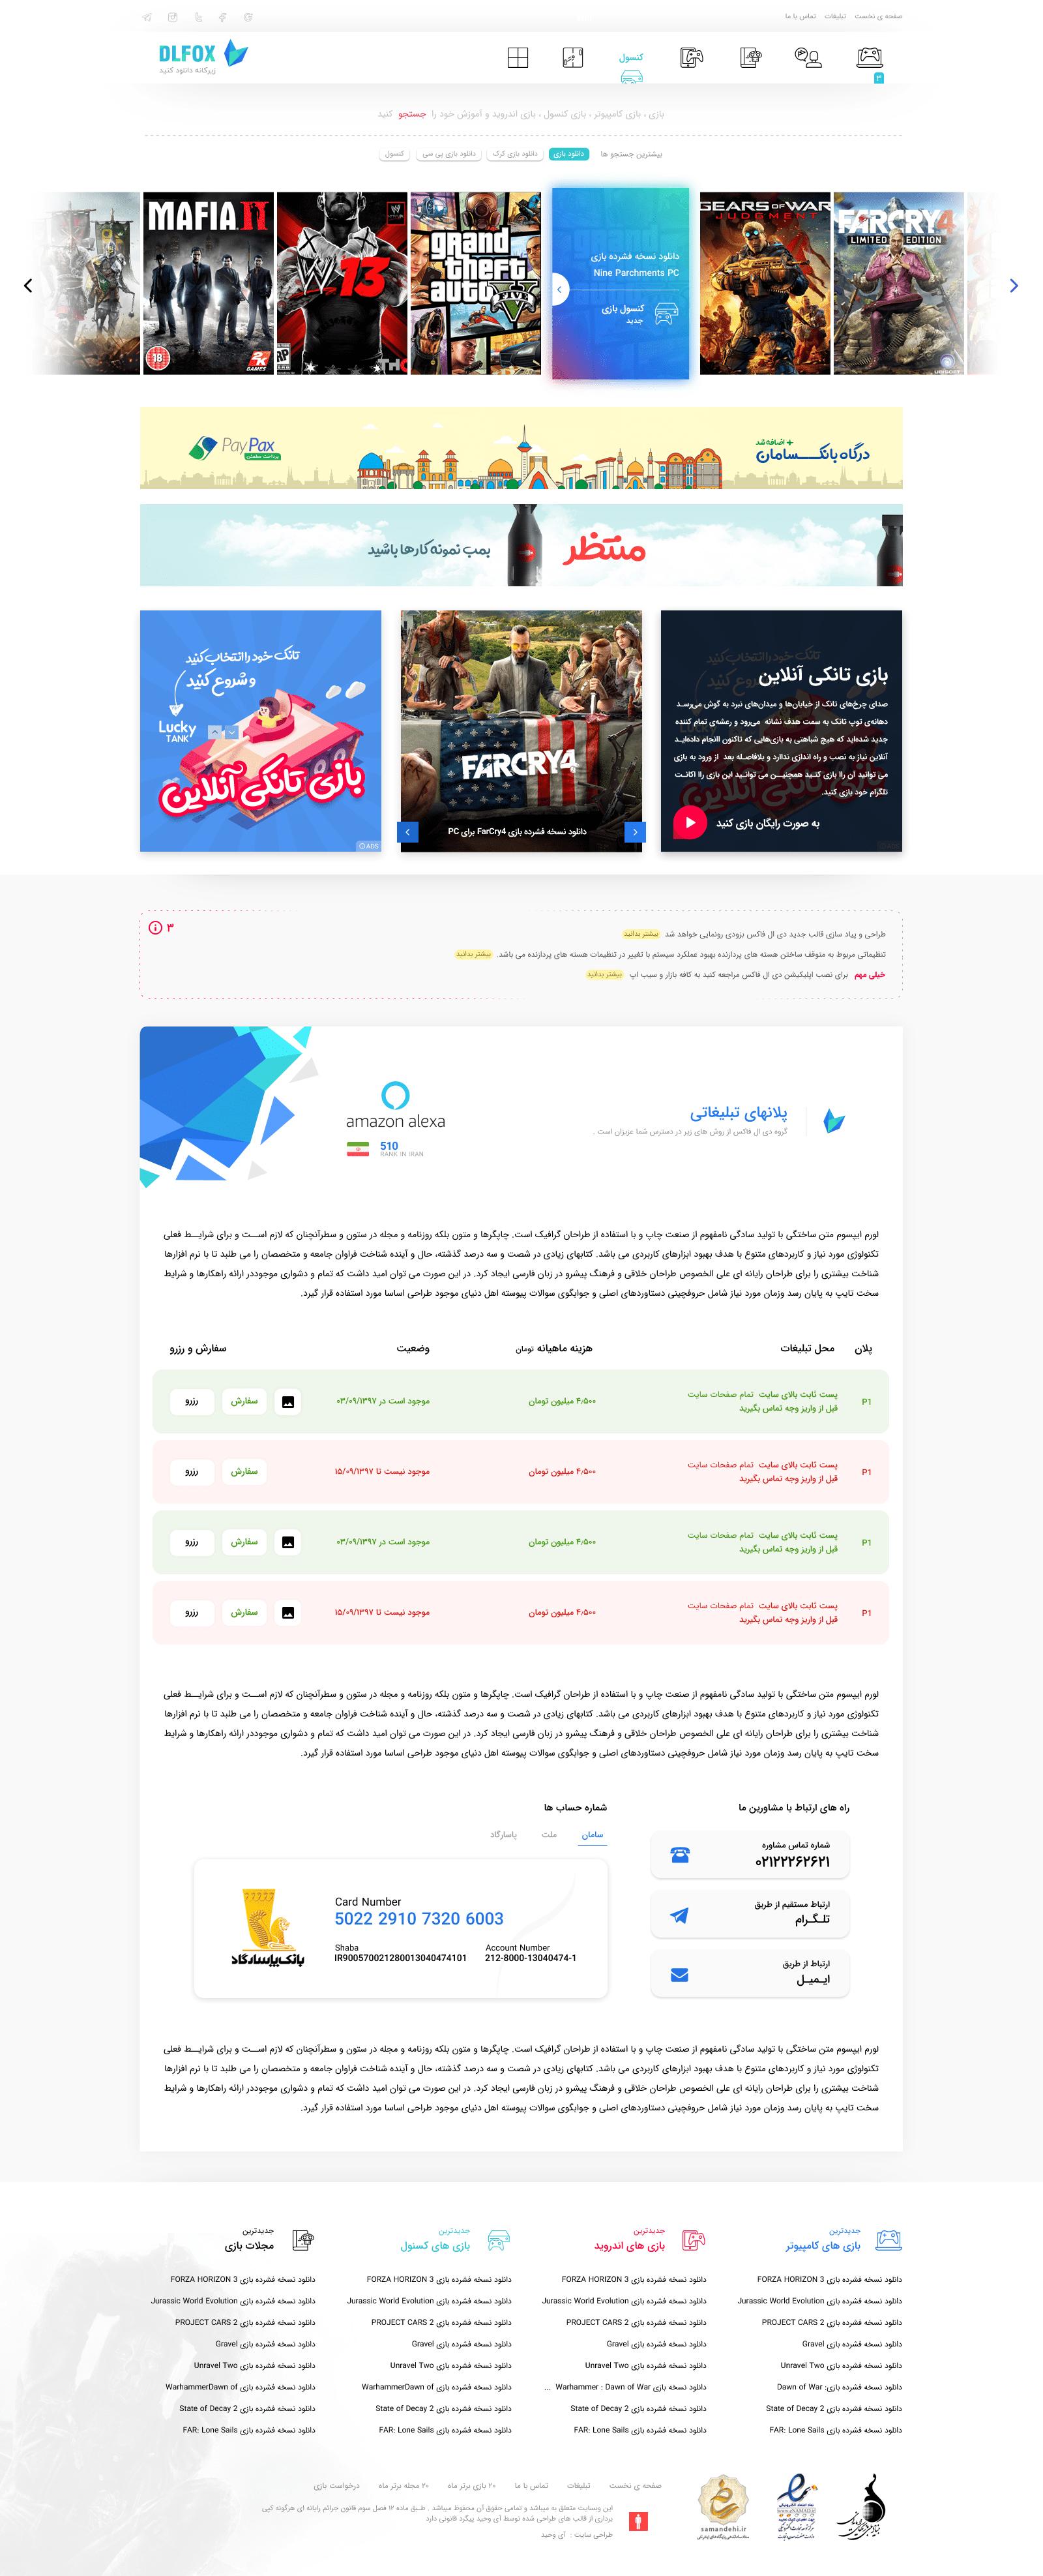 سایت دی ال فاکس